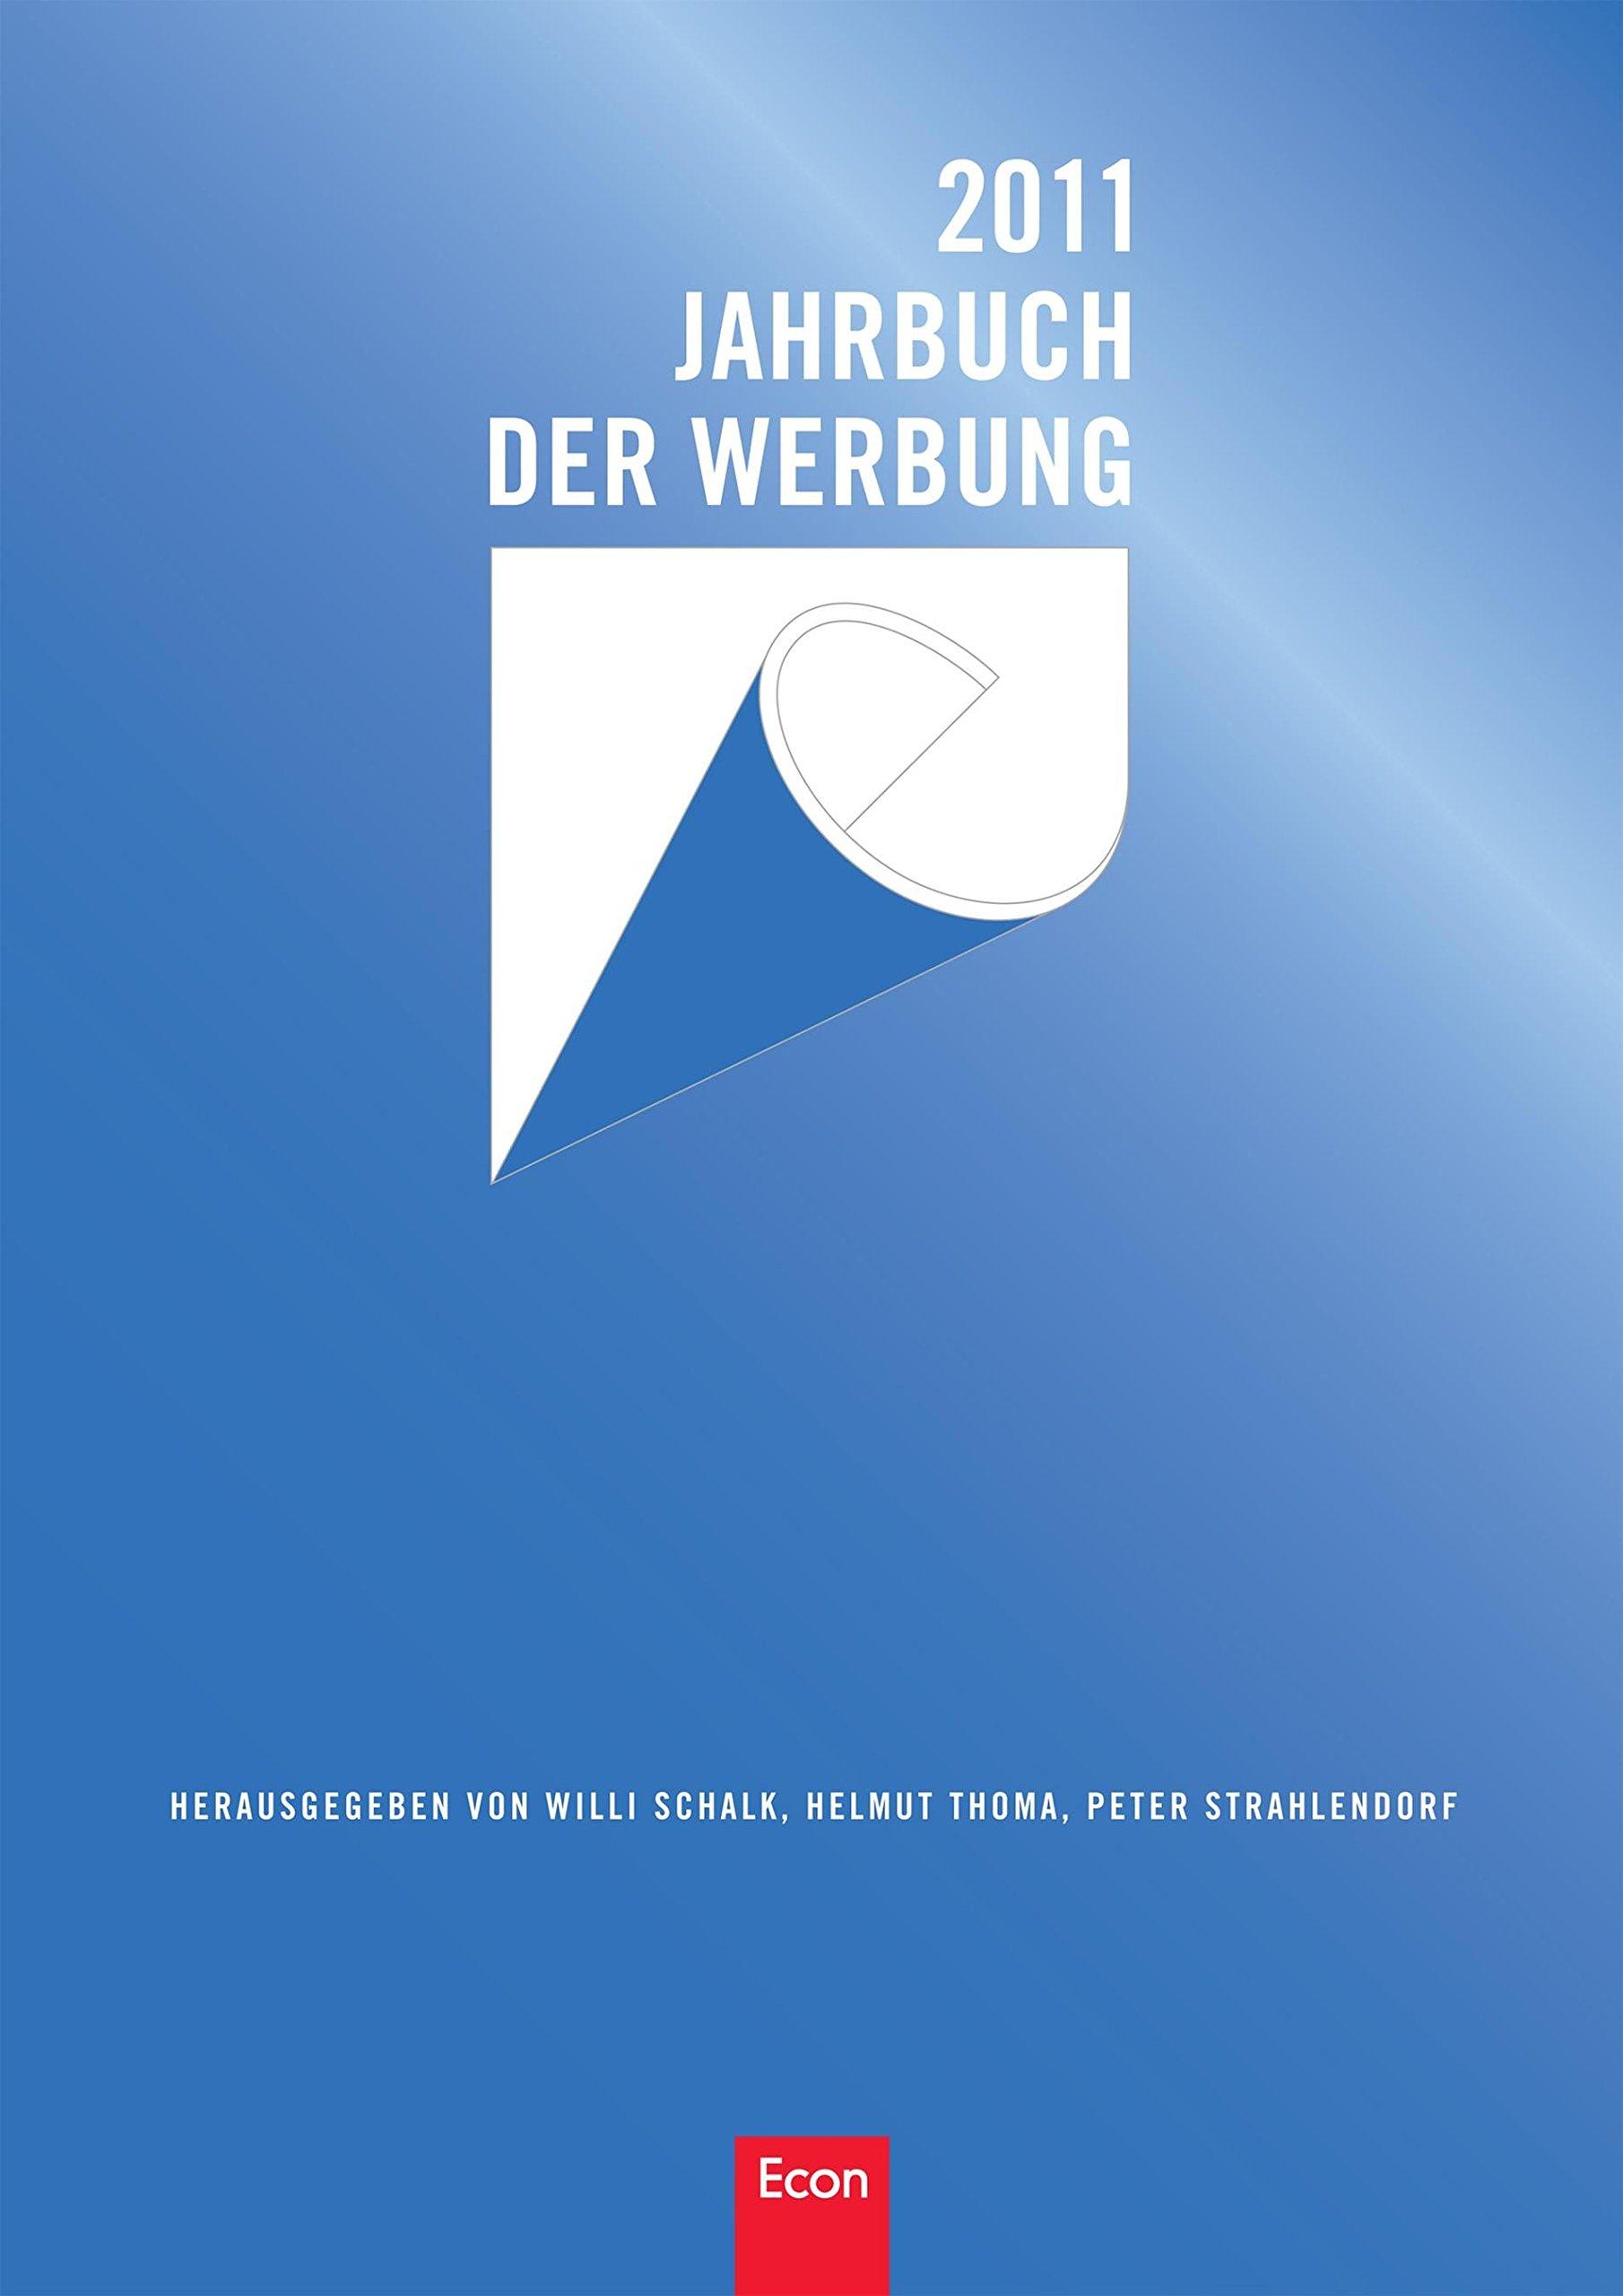 Jahrbuch der Werbung 2011: Band 48 (Das Jahr der Werbung, Band 48)